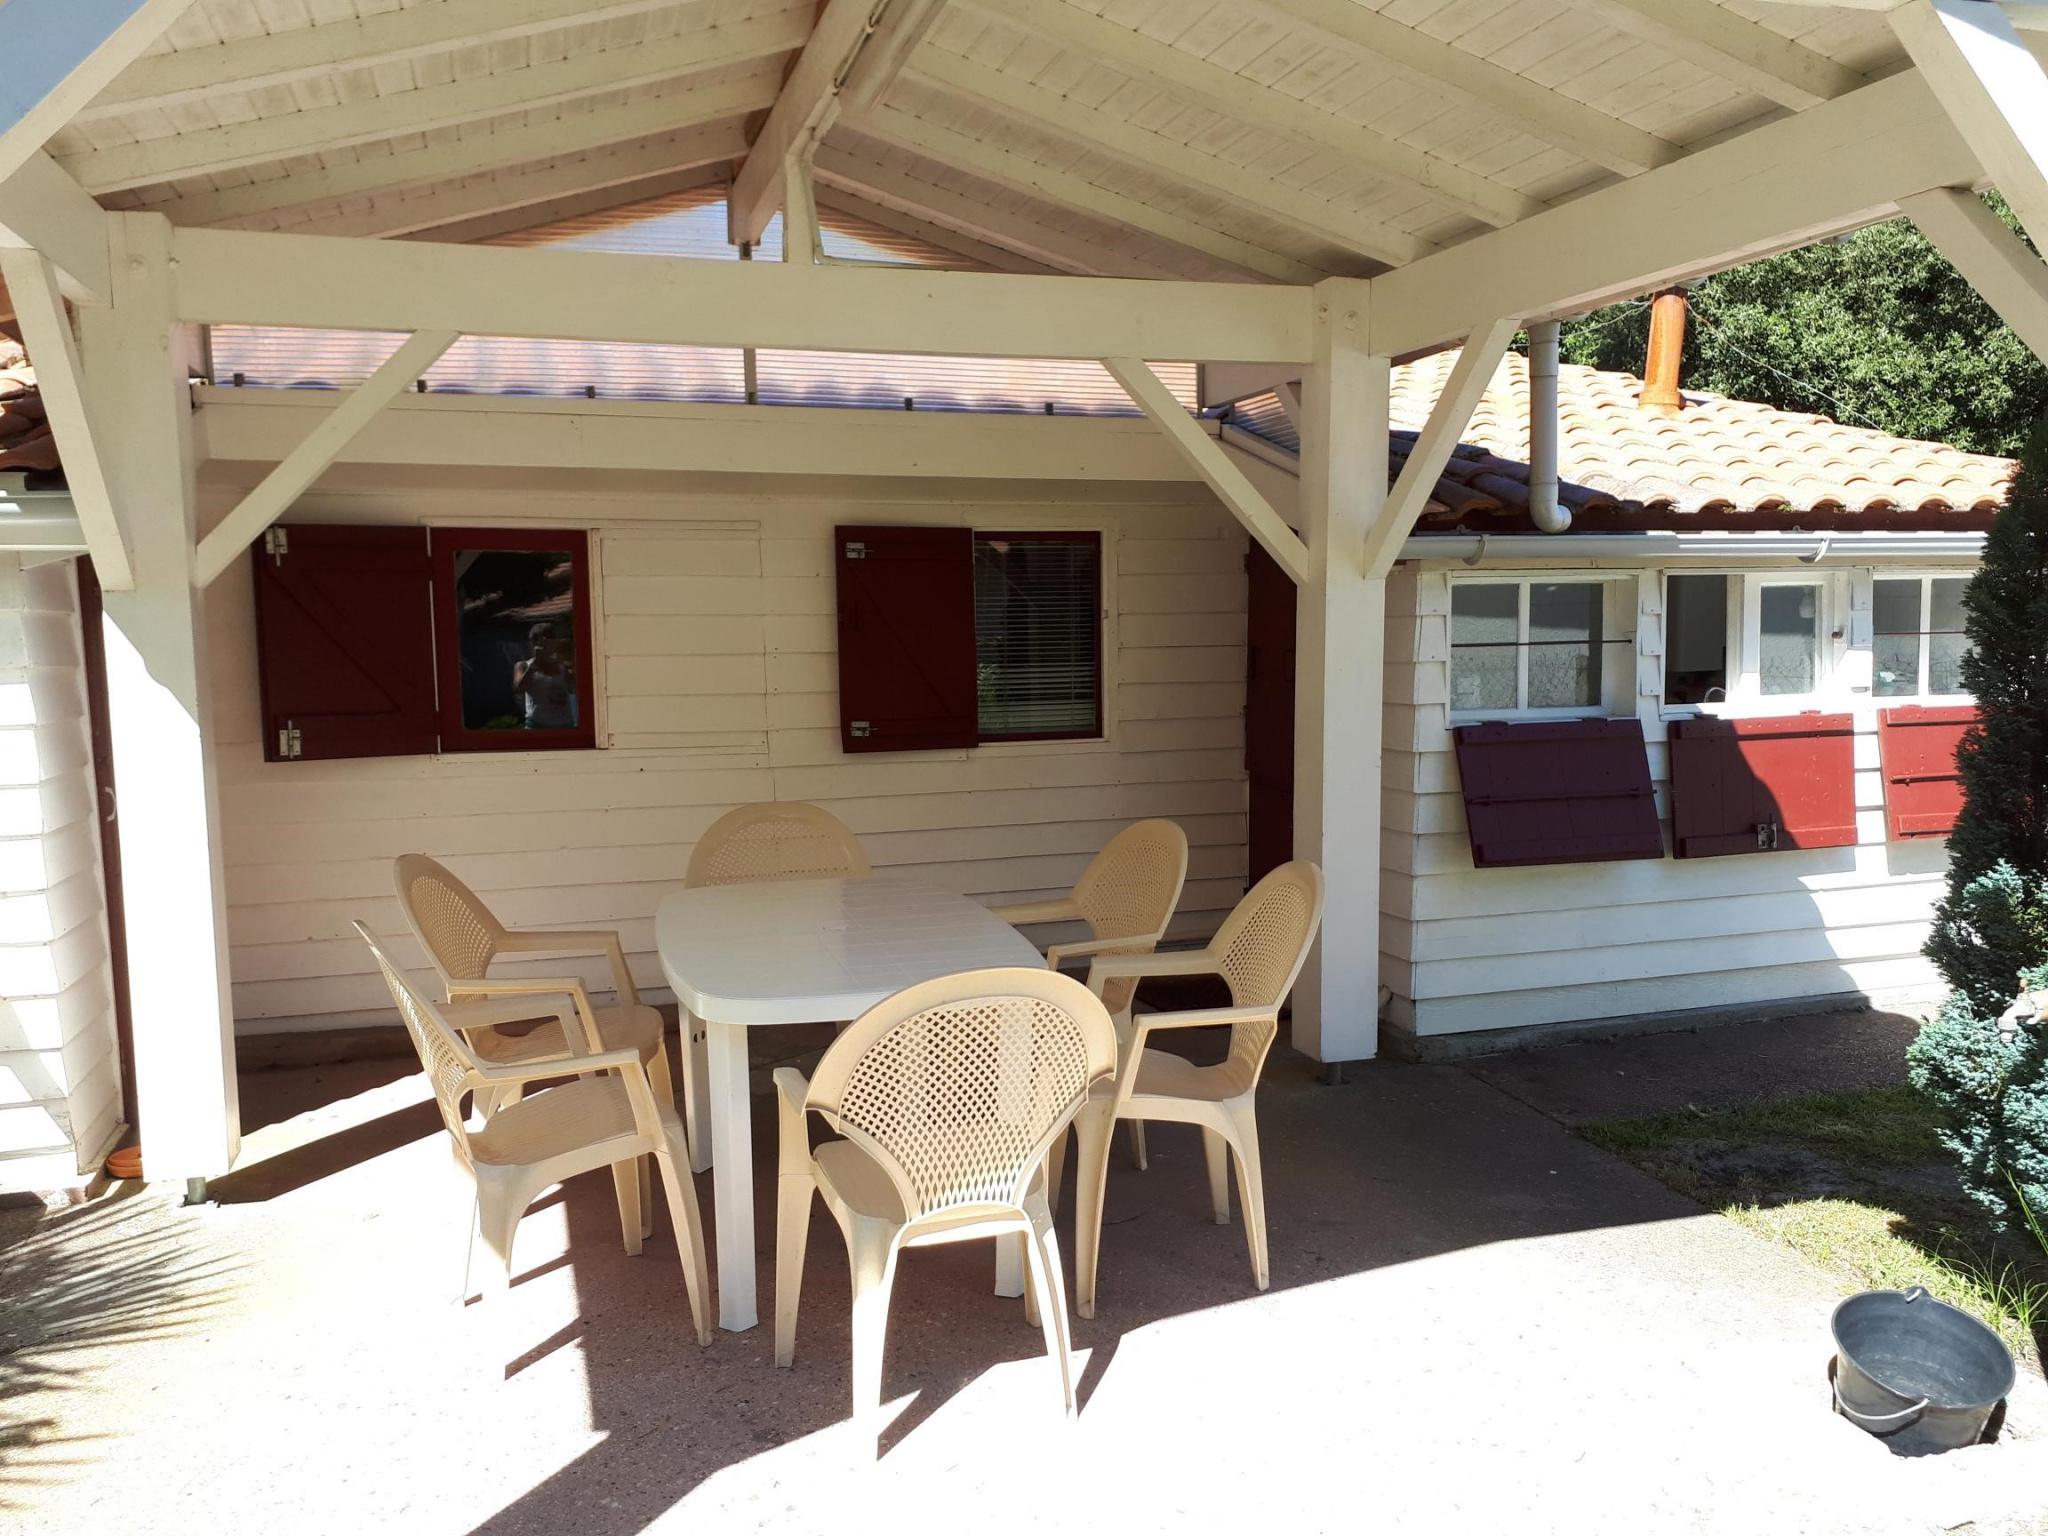 vente a vendre chalet en bois pour les vacances. Black Bedroom Furniture Sets. Home Design Ideas